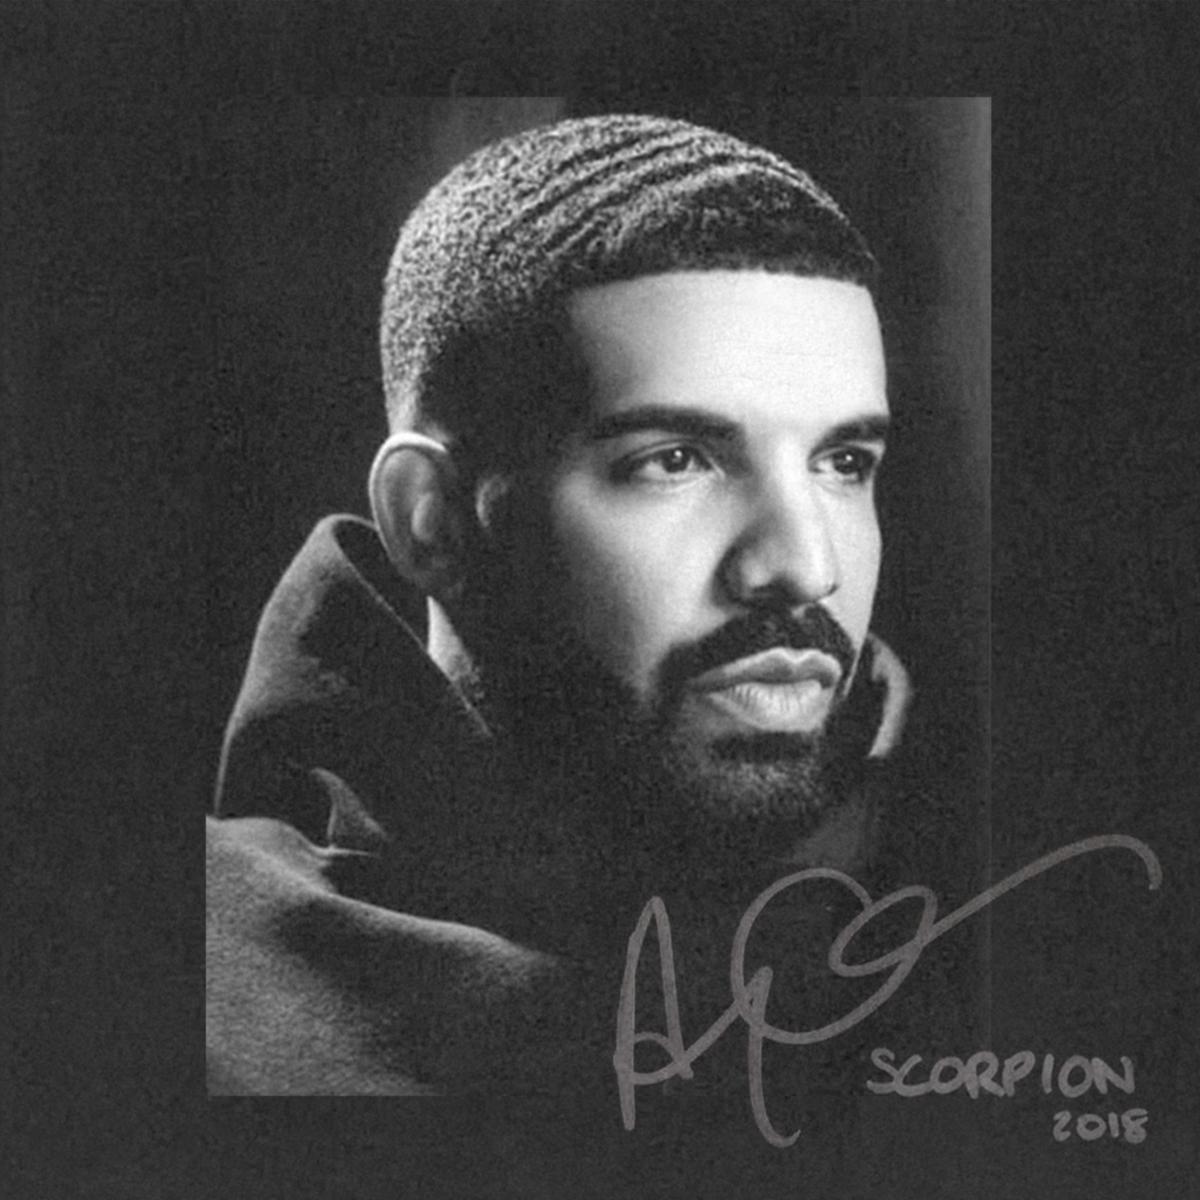 Drake's Album, Scorpion